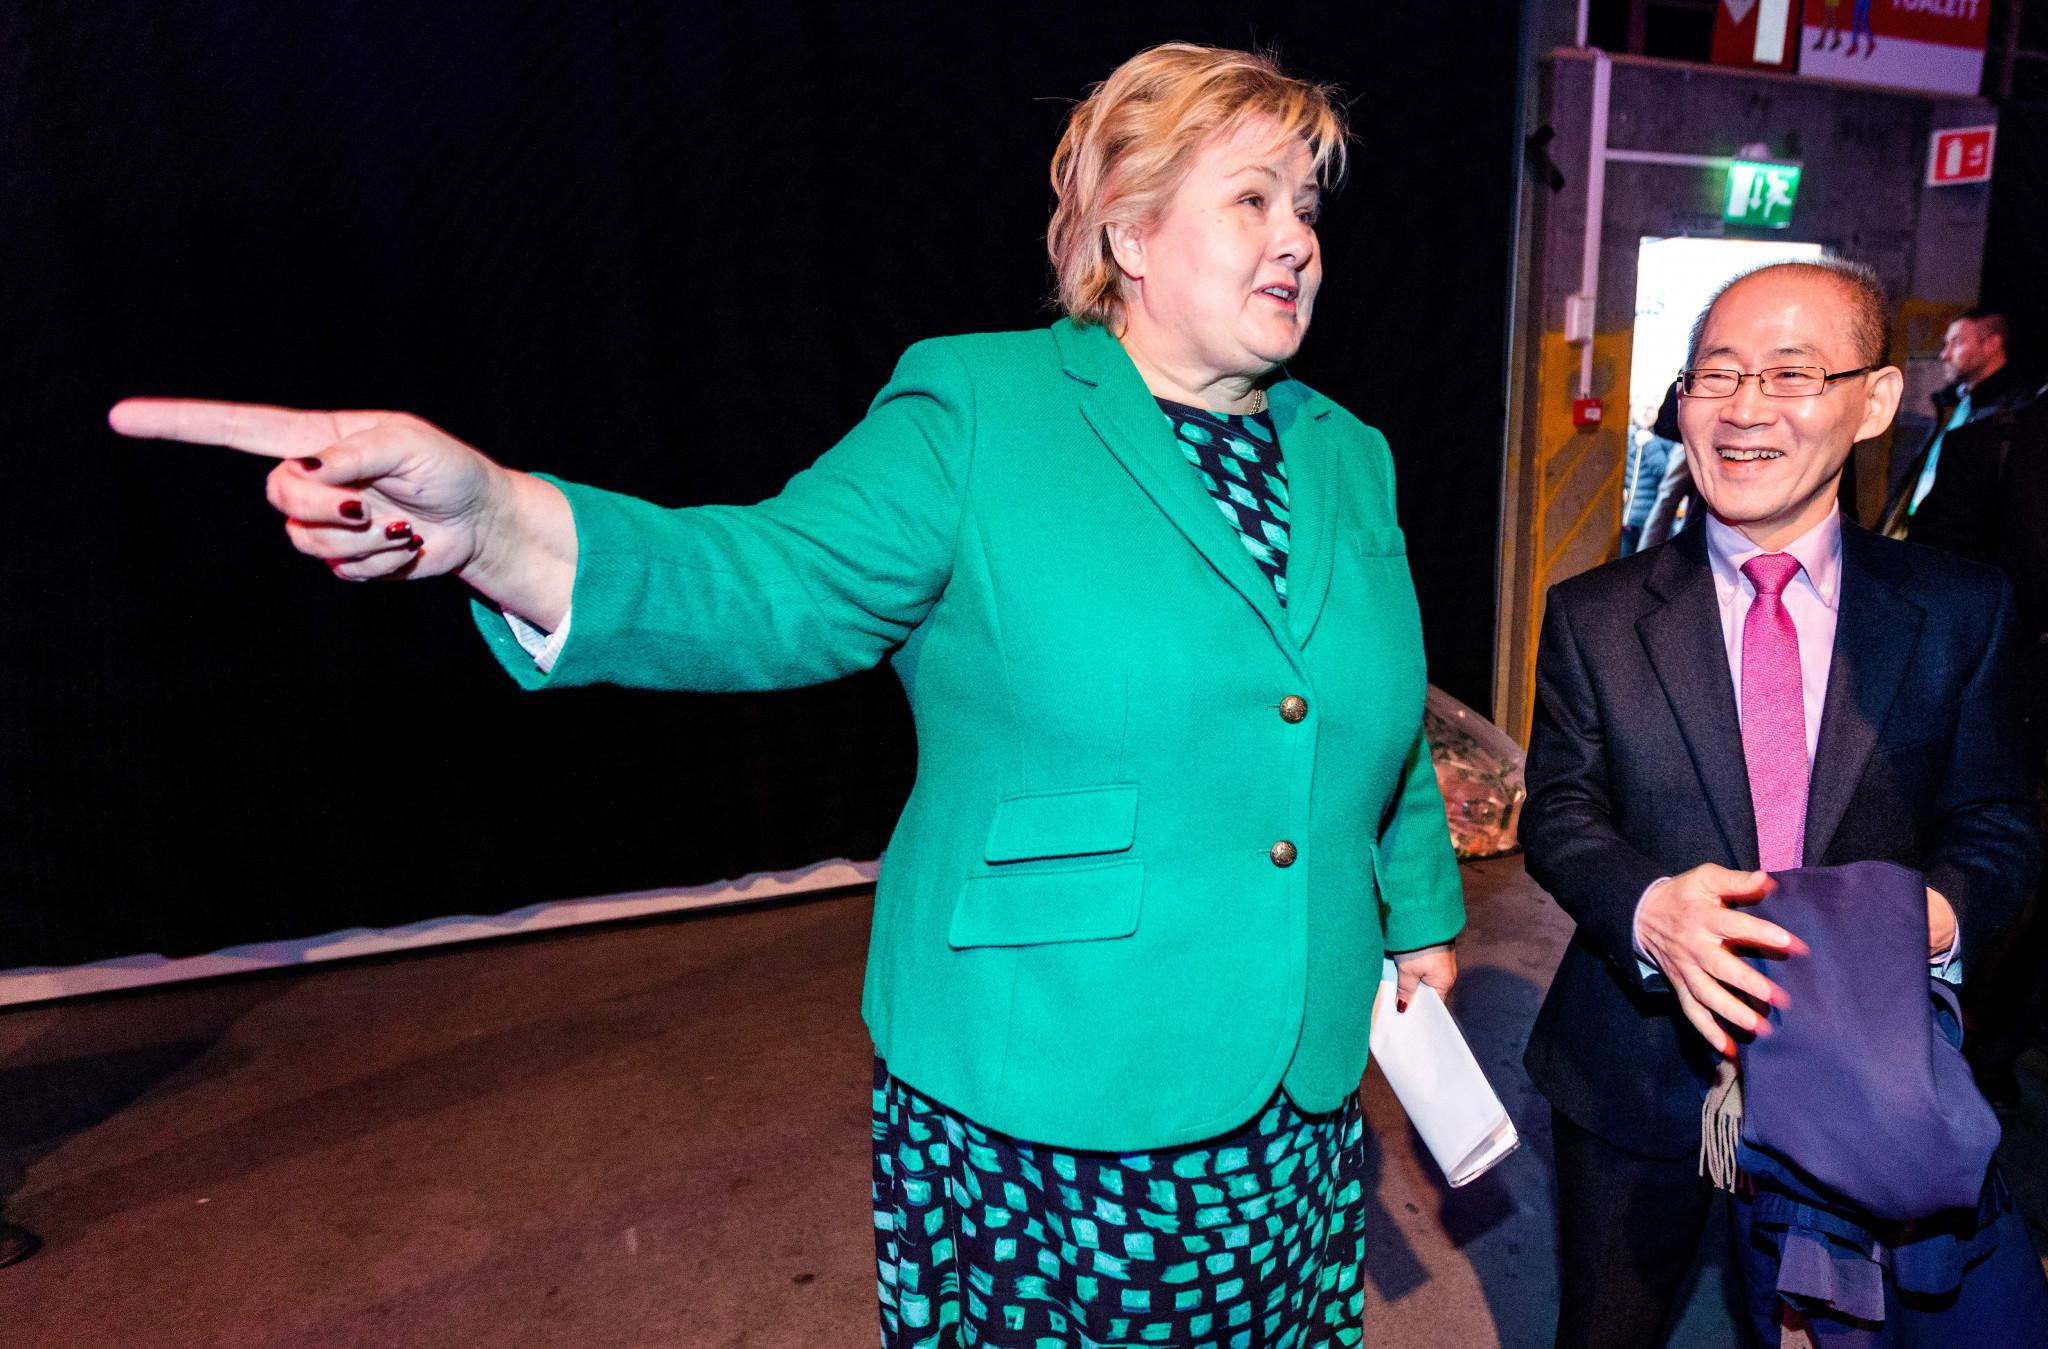 Norwegian Prime Minister Erna Solberg has declared her full support for Linda Helleland's Presidential bid ©Getty Images